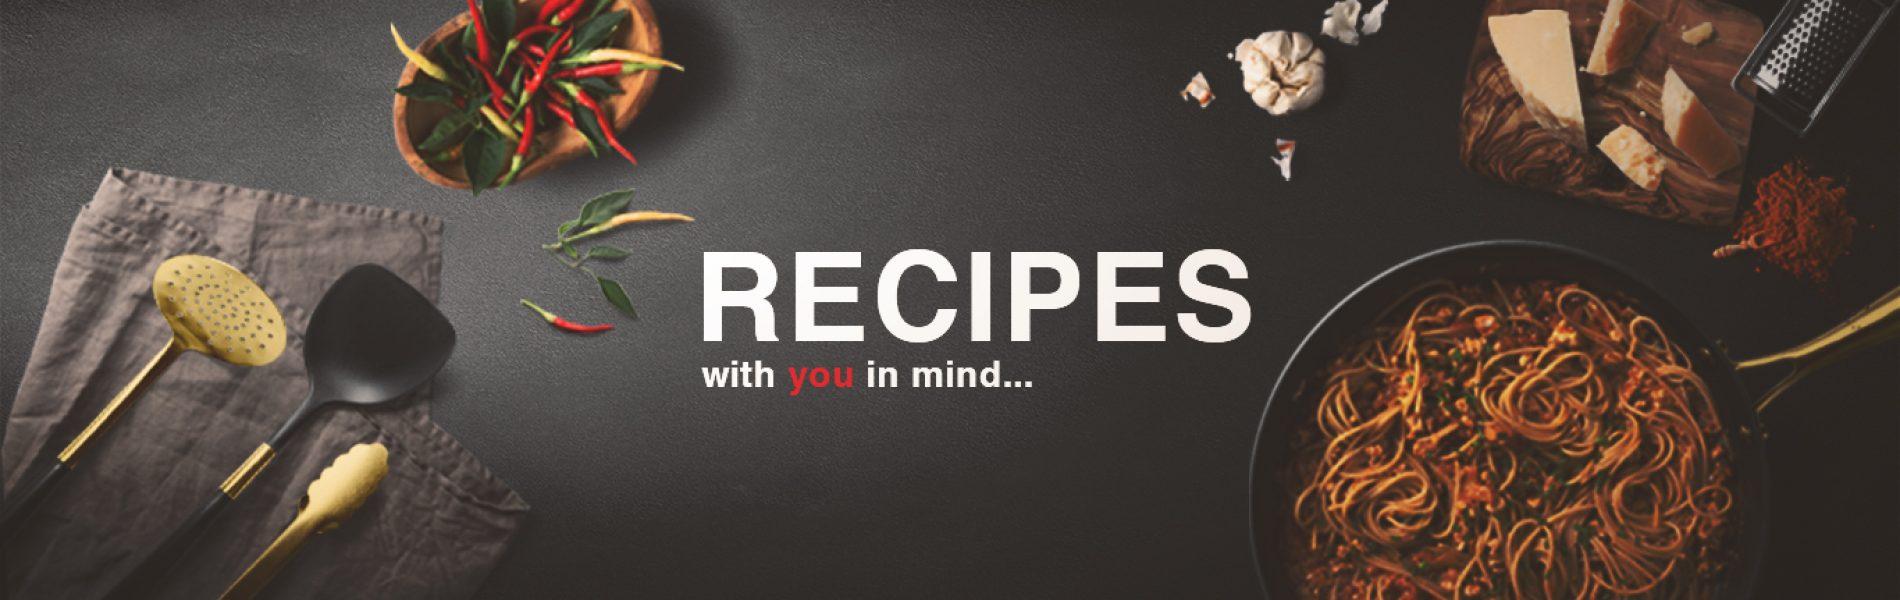 Recipes_Website_Full_Width